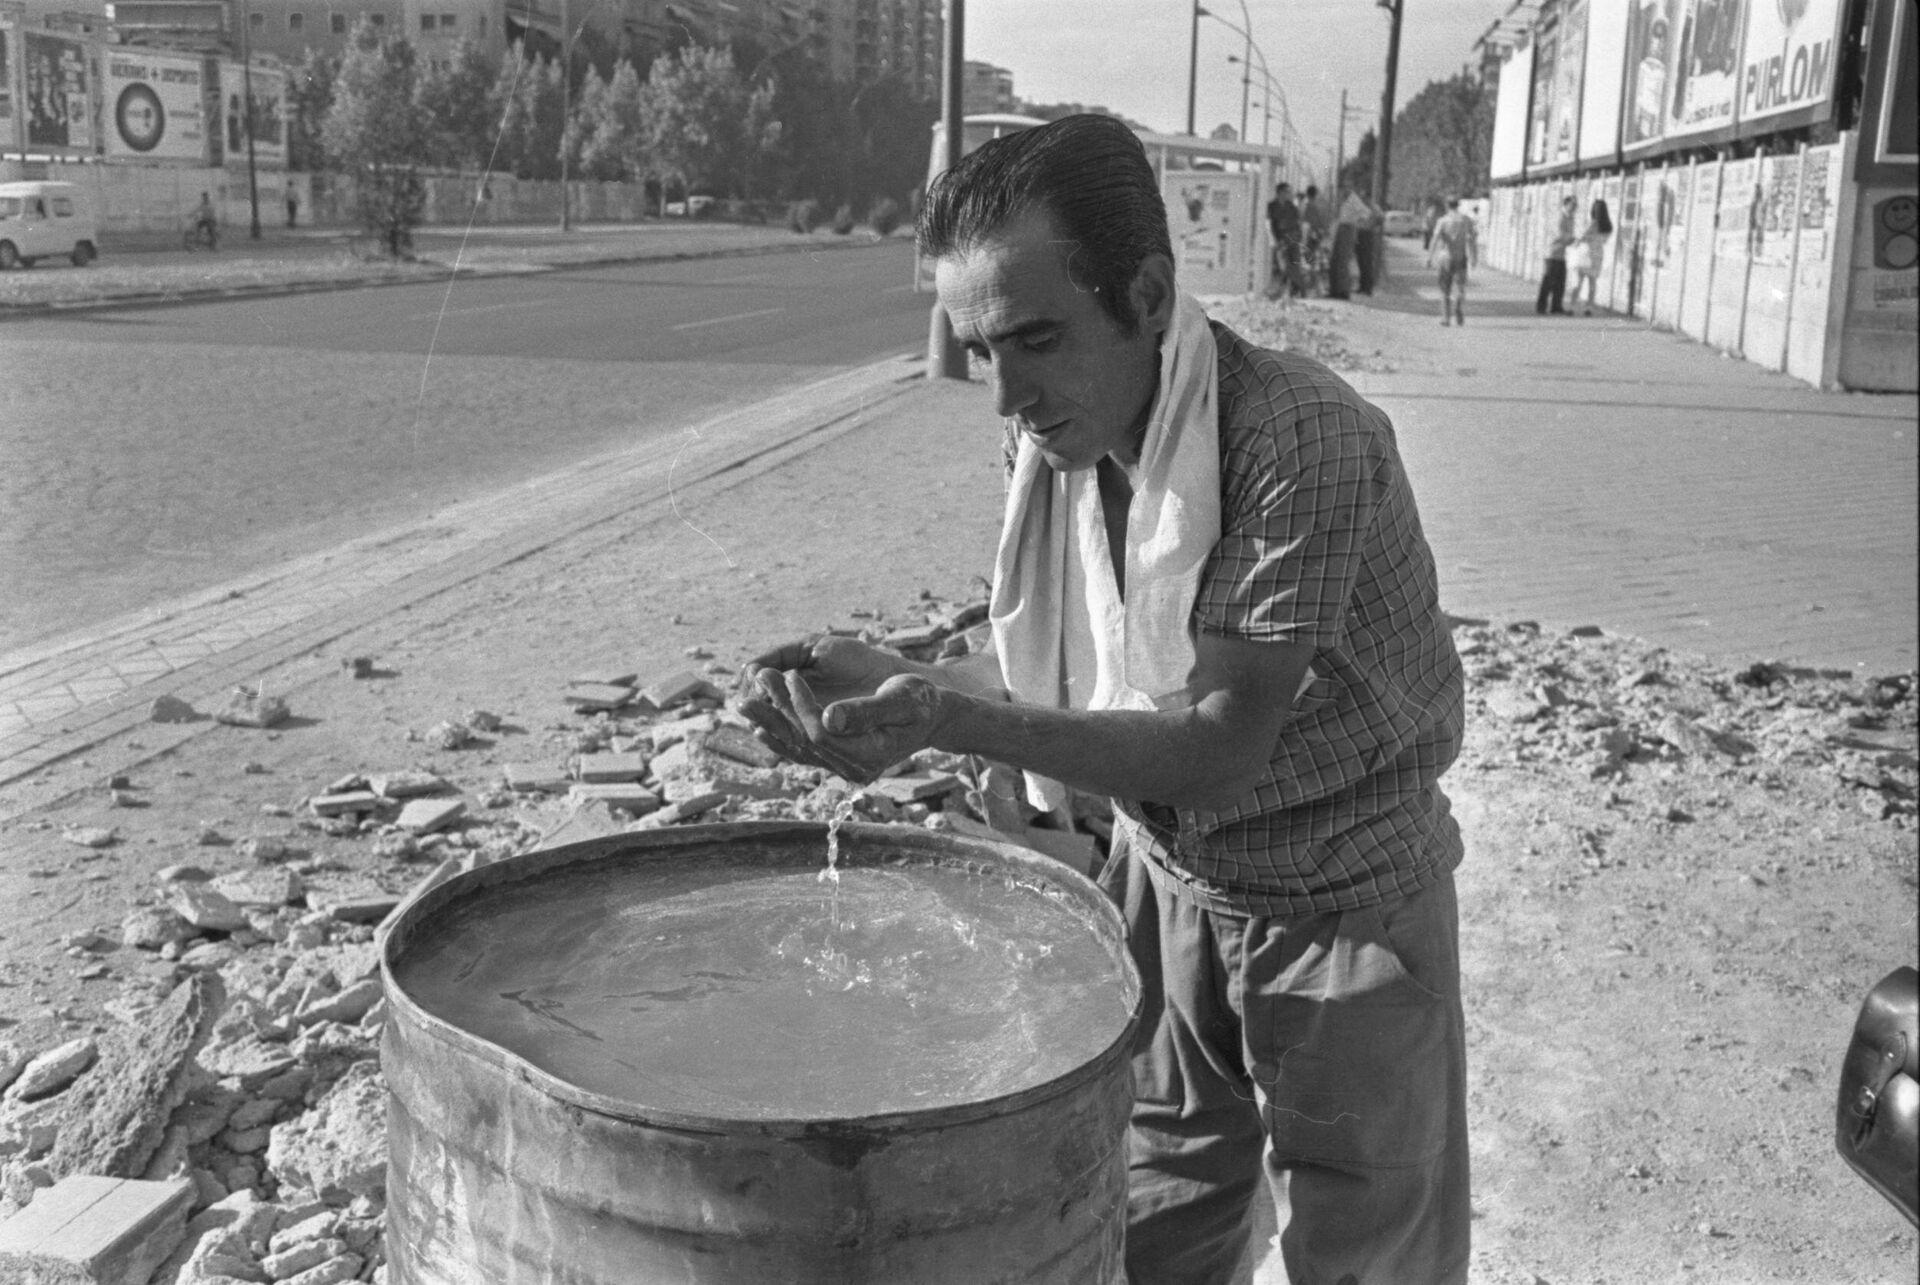 Obrero de la construcción refrescándose en un bidón. Madrid, 1954 - Sputnik Mundo, 1920, 17.09.2021